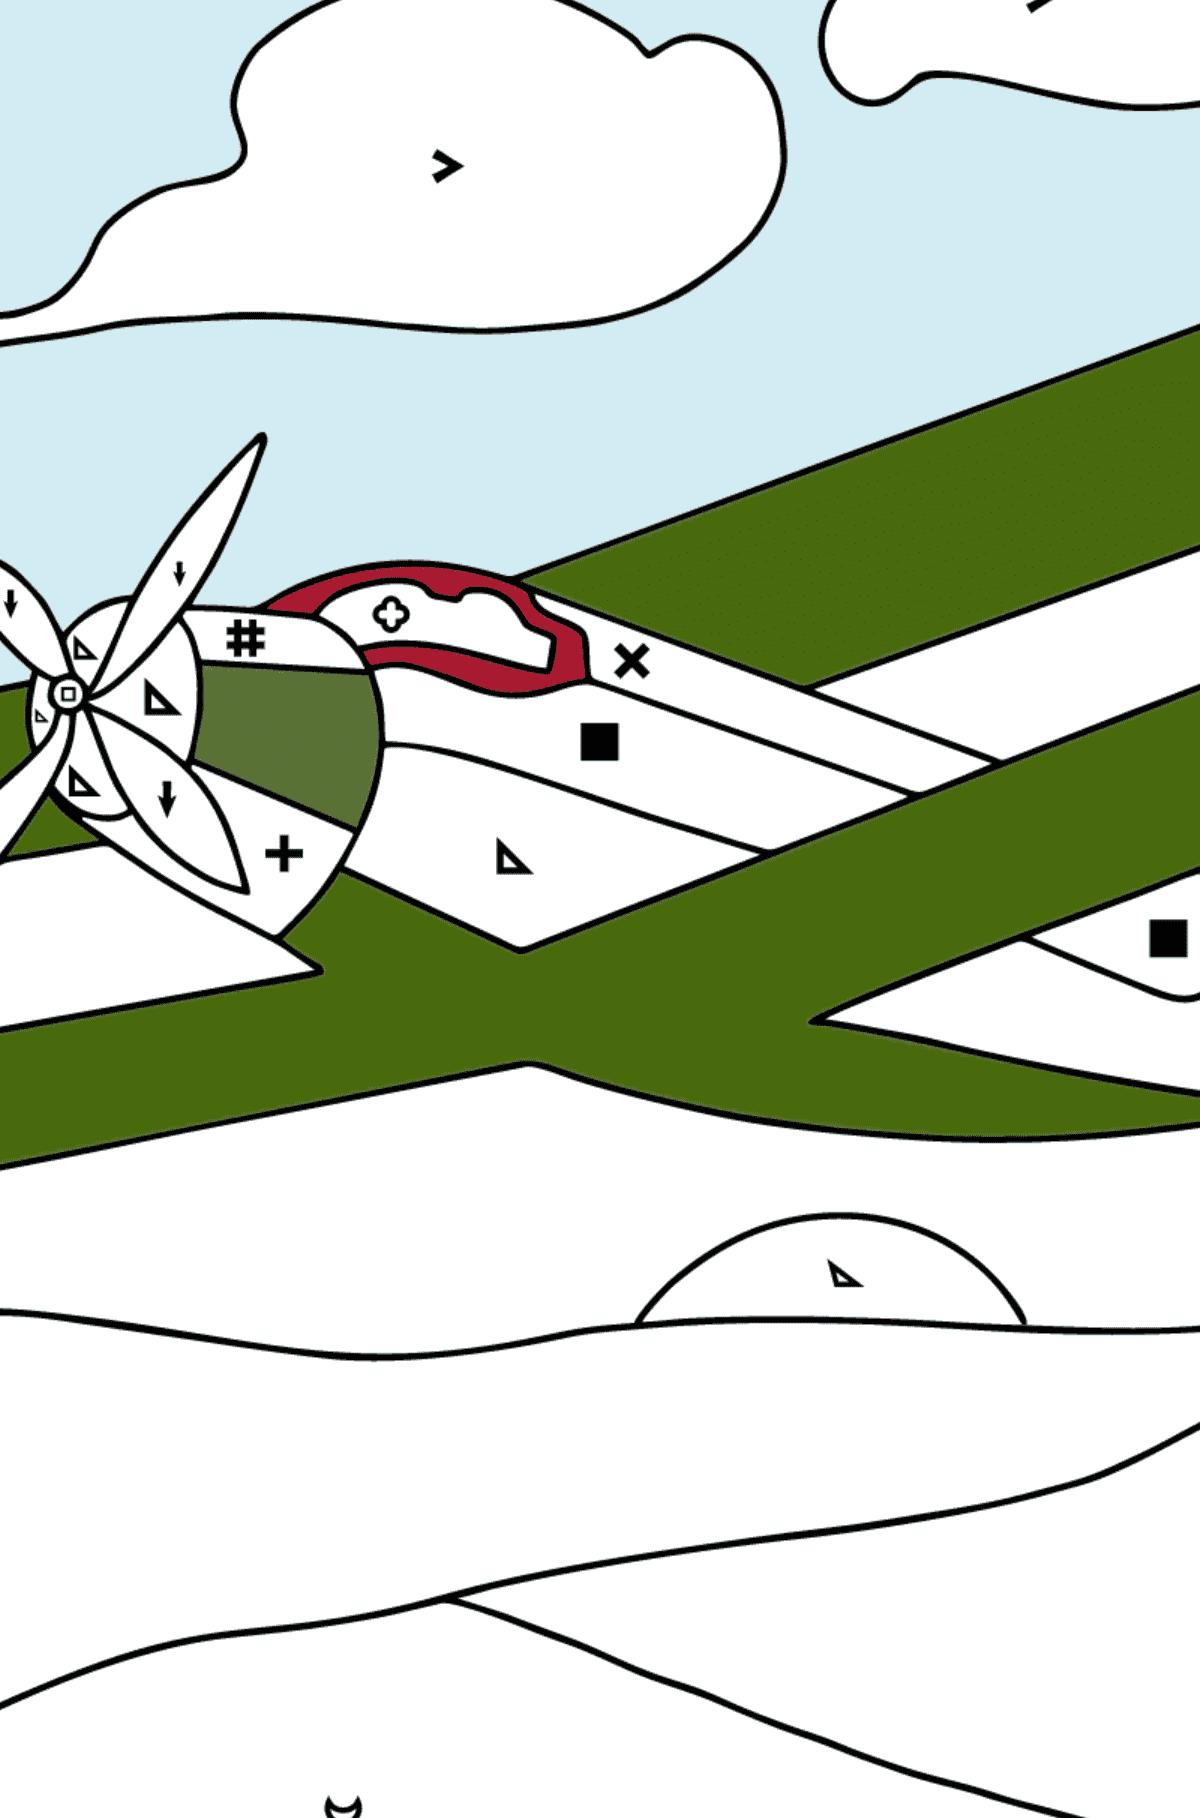 Раскраска биплан - Раскраска по Символам и Геометрическим Фигурам для Детей